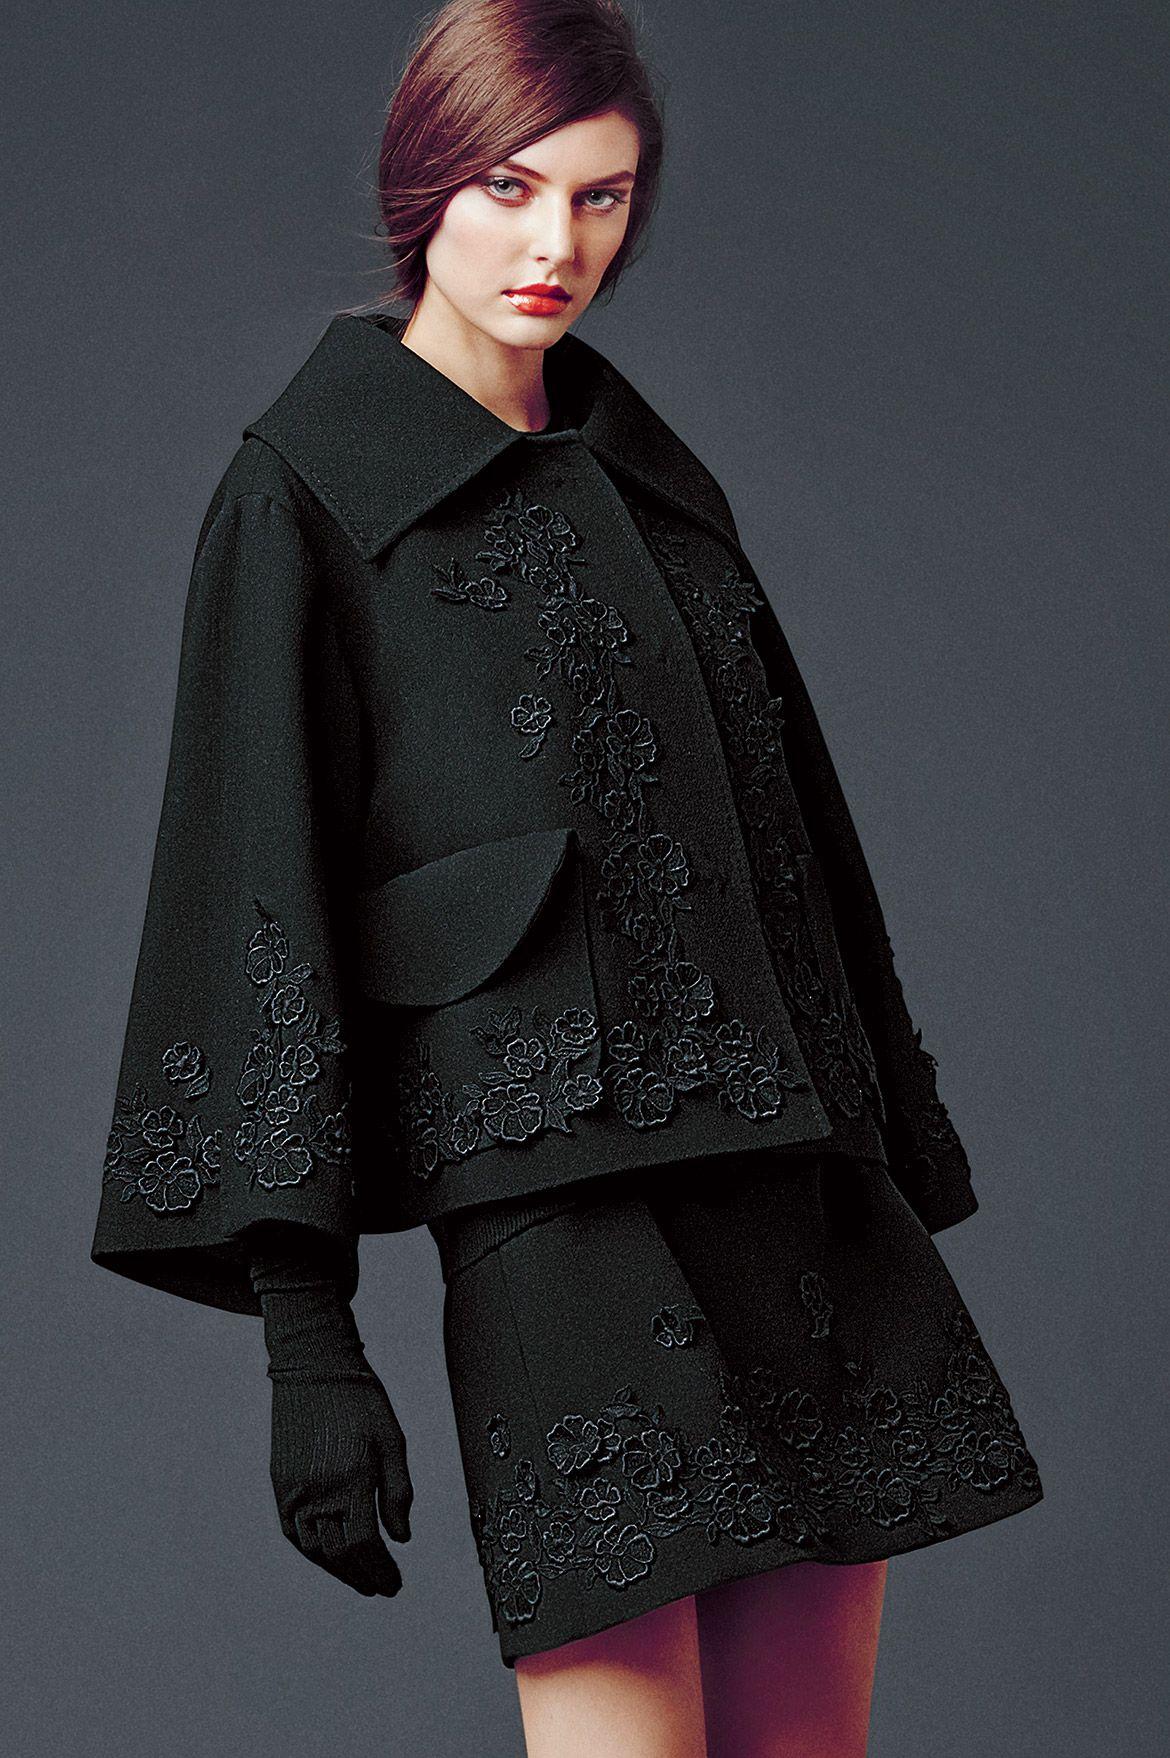 Innenfarben für die halle dolce u gabbana womanus apparel  collection fall winter